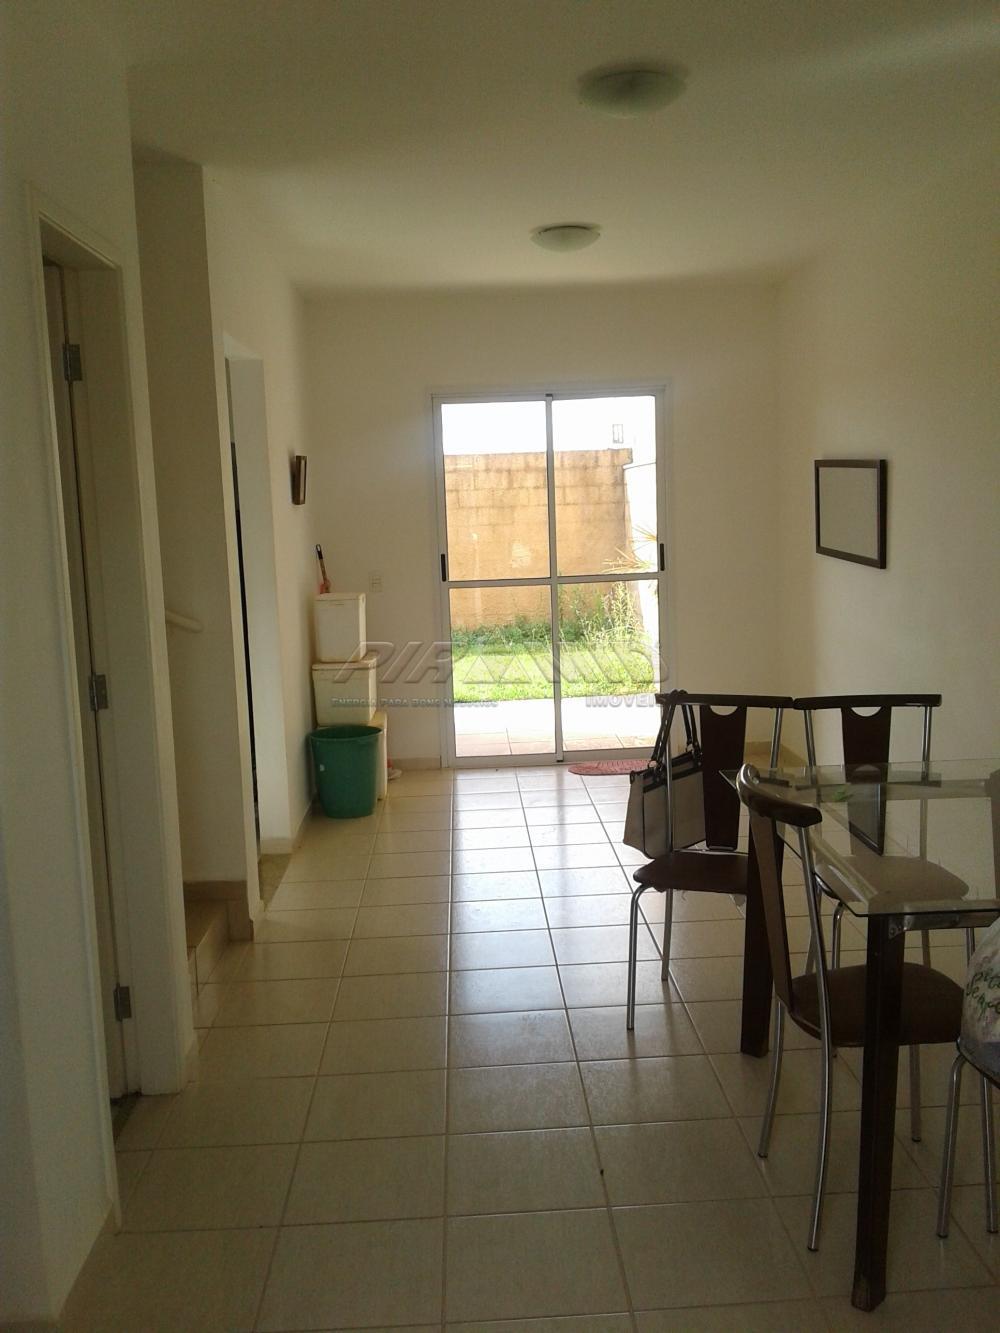 Alugar Casa / Condomínio em Ribeirão Preto R$ 1.600,00 - Foto 2